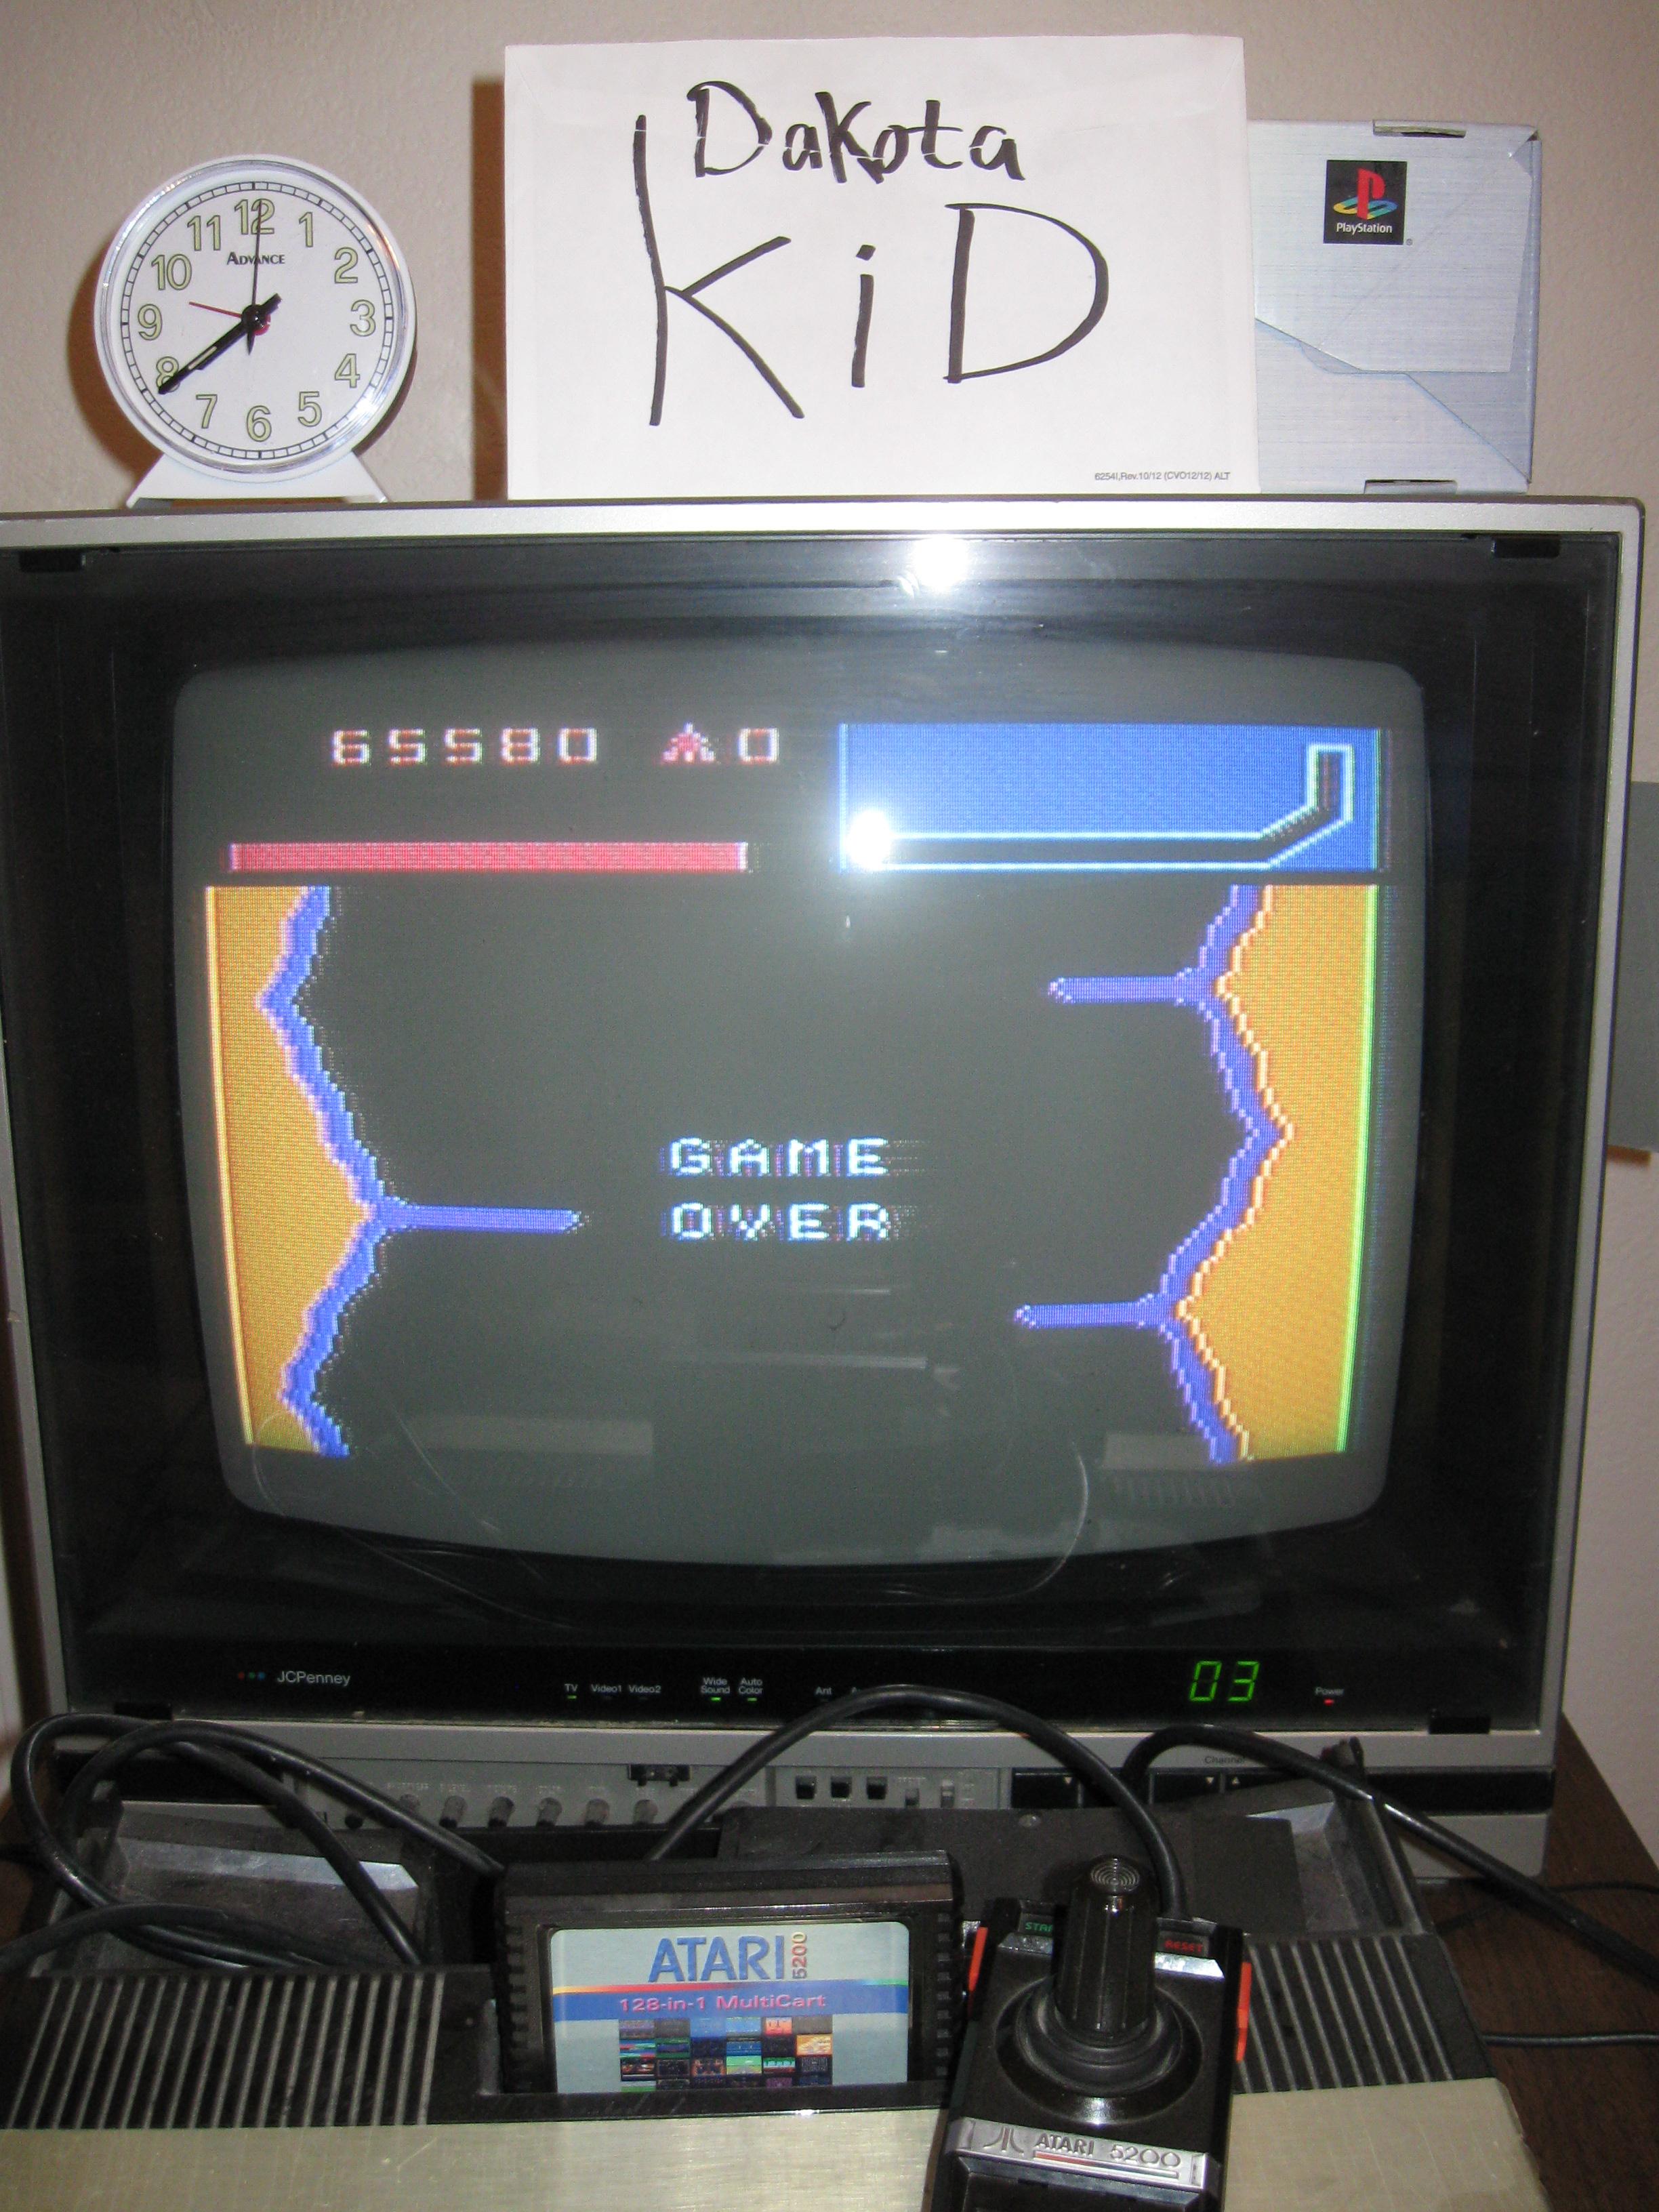 DakotaKid: Vanguard (Atari 5200) 65,580 points on 2016-04-13 18:37:51